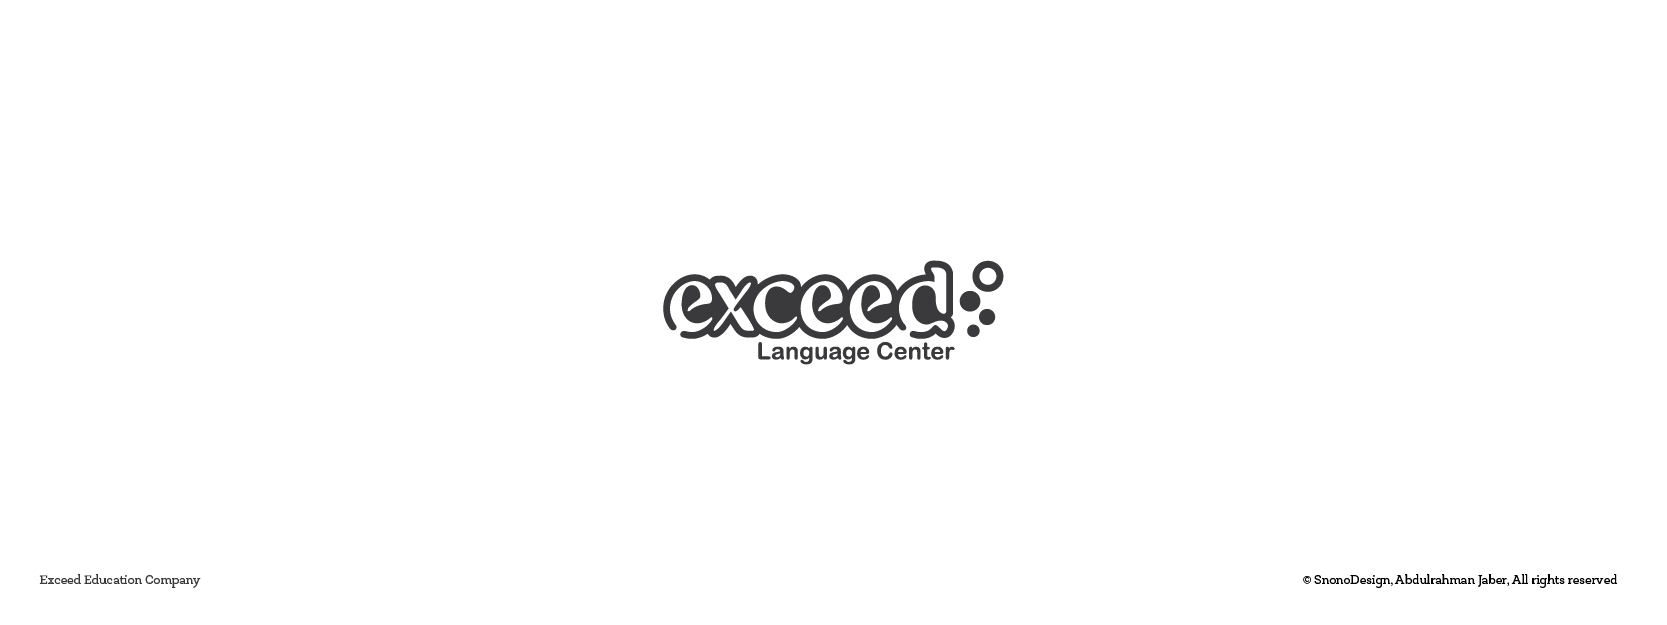 Logos 2002 - 2016 -2-05.png